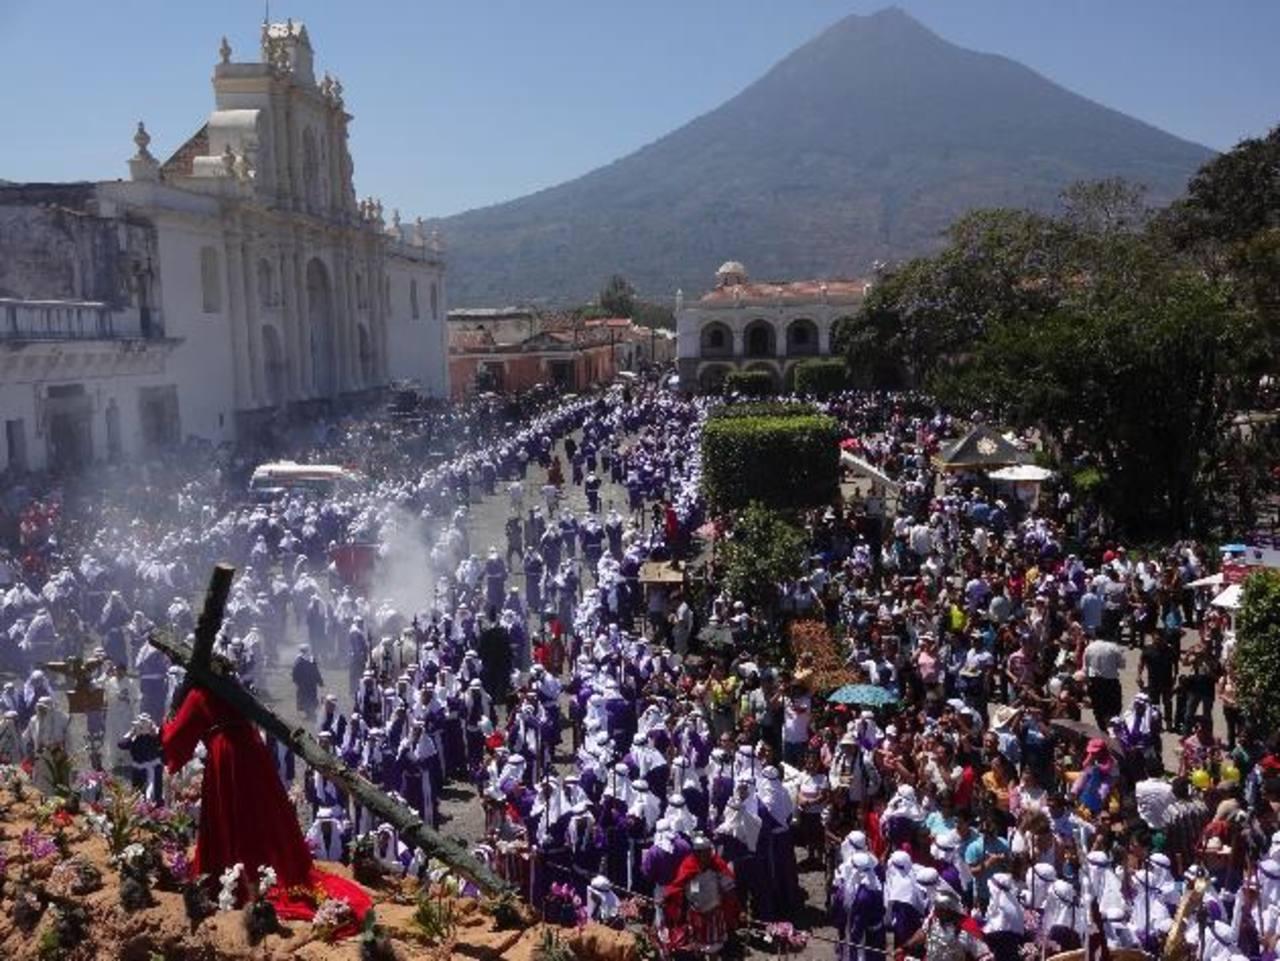 La ciudad es una de las emblemáticas de la devoción católica. Foto EDH / Georgina Vividor